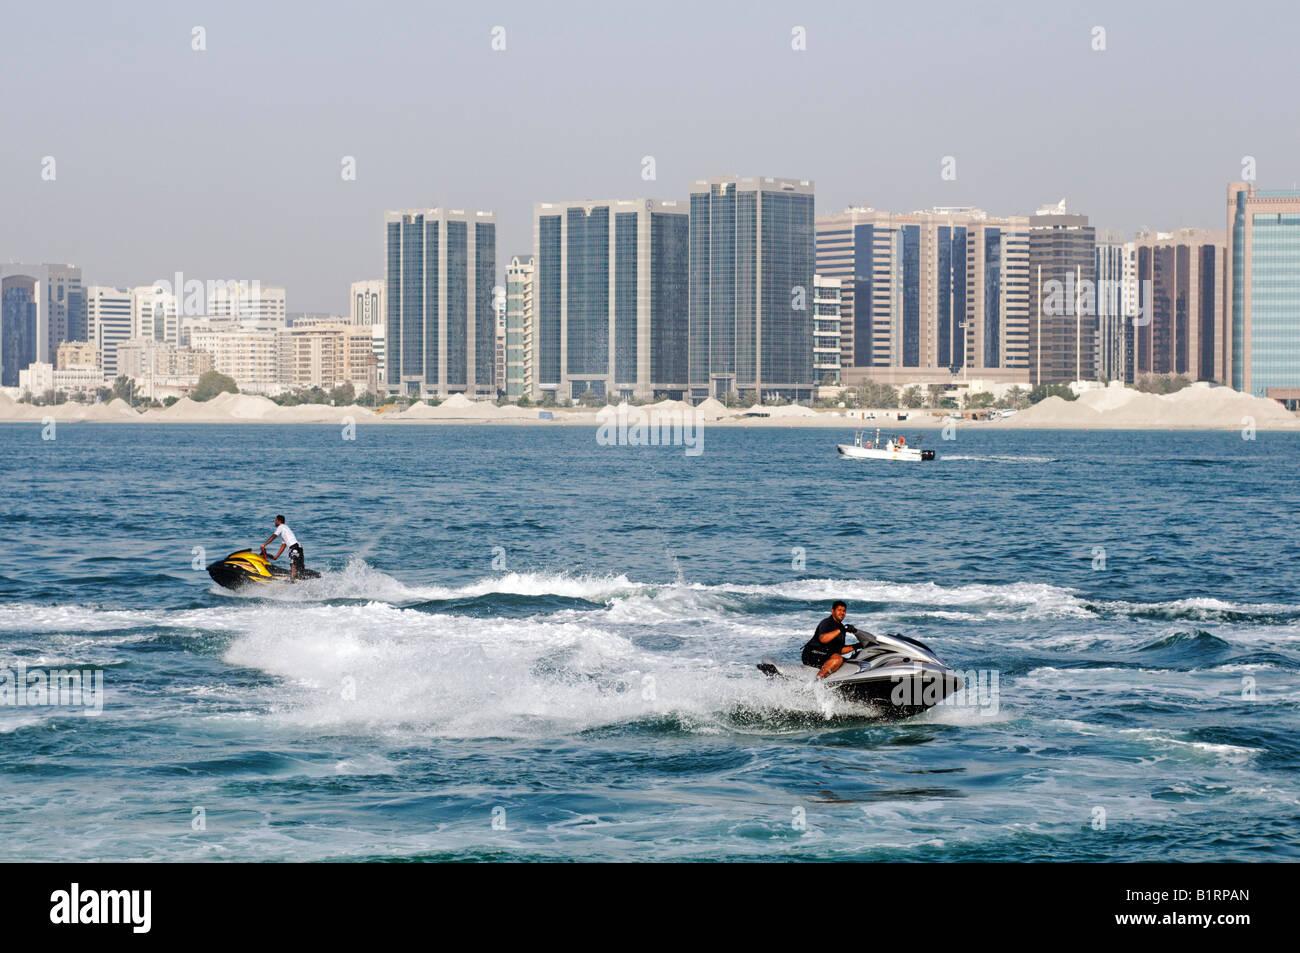 Jetboat Rider in front of the skyline of the Abu Dhabi City, Emirat Abu Dhabi, United Arab Emirates, Asia Stock Photo